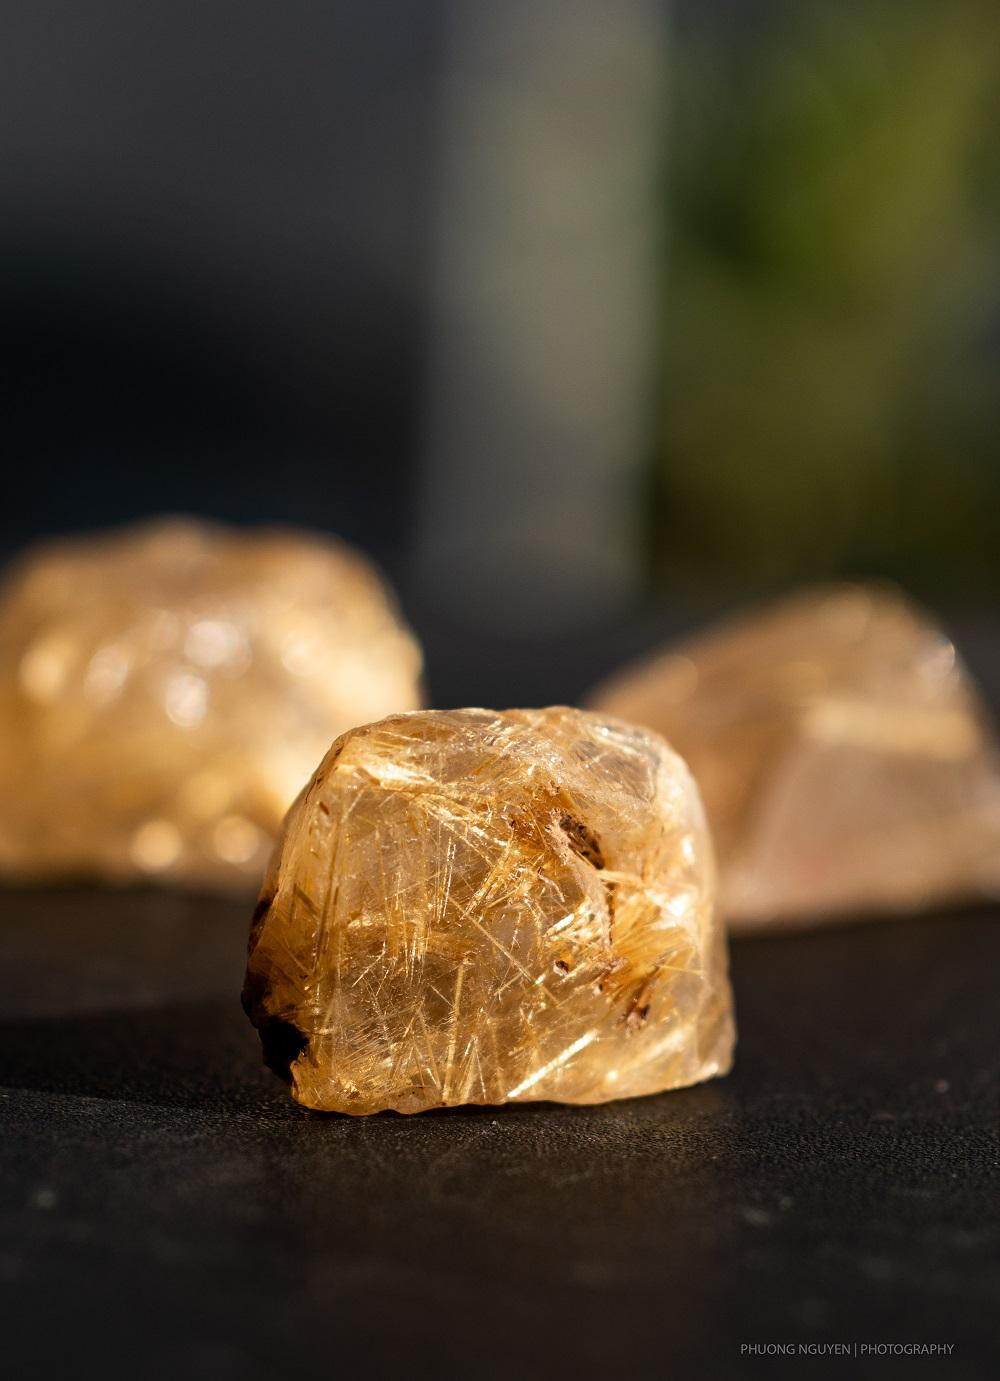 đá thạch anh tóc vàng trong phong thủy